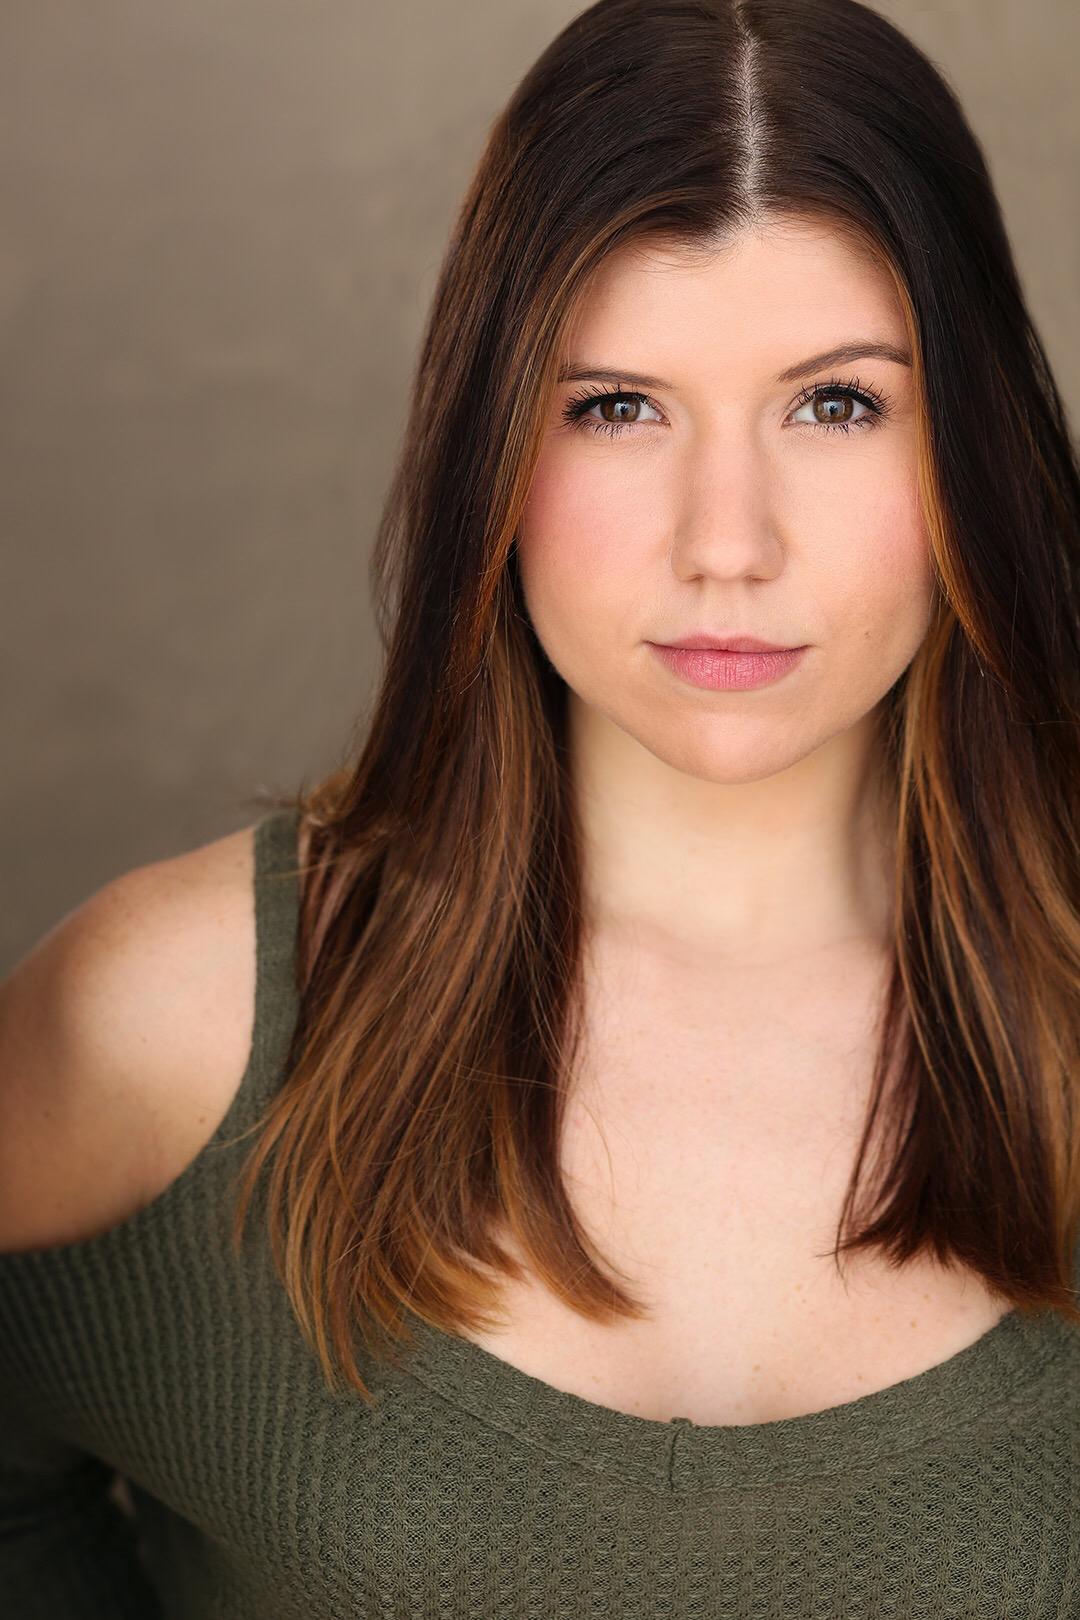 Lizzy Tierney